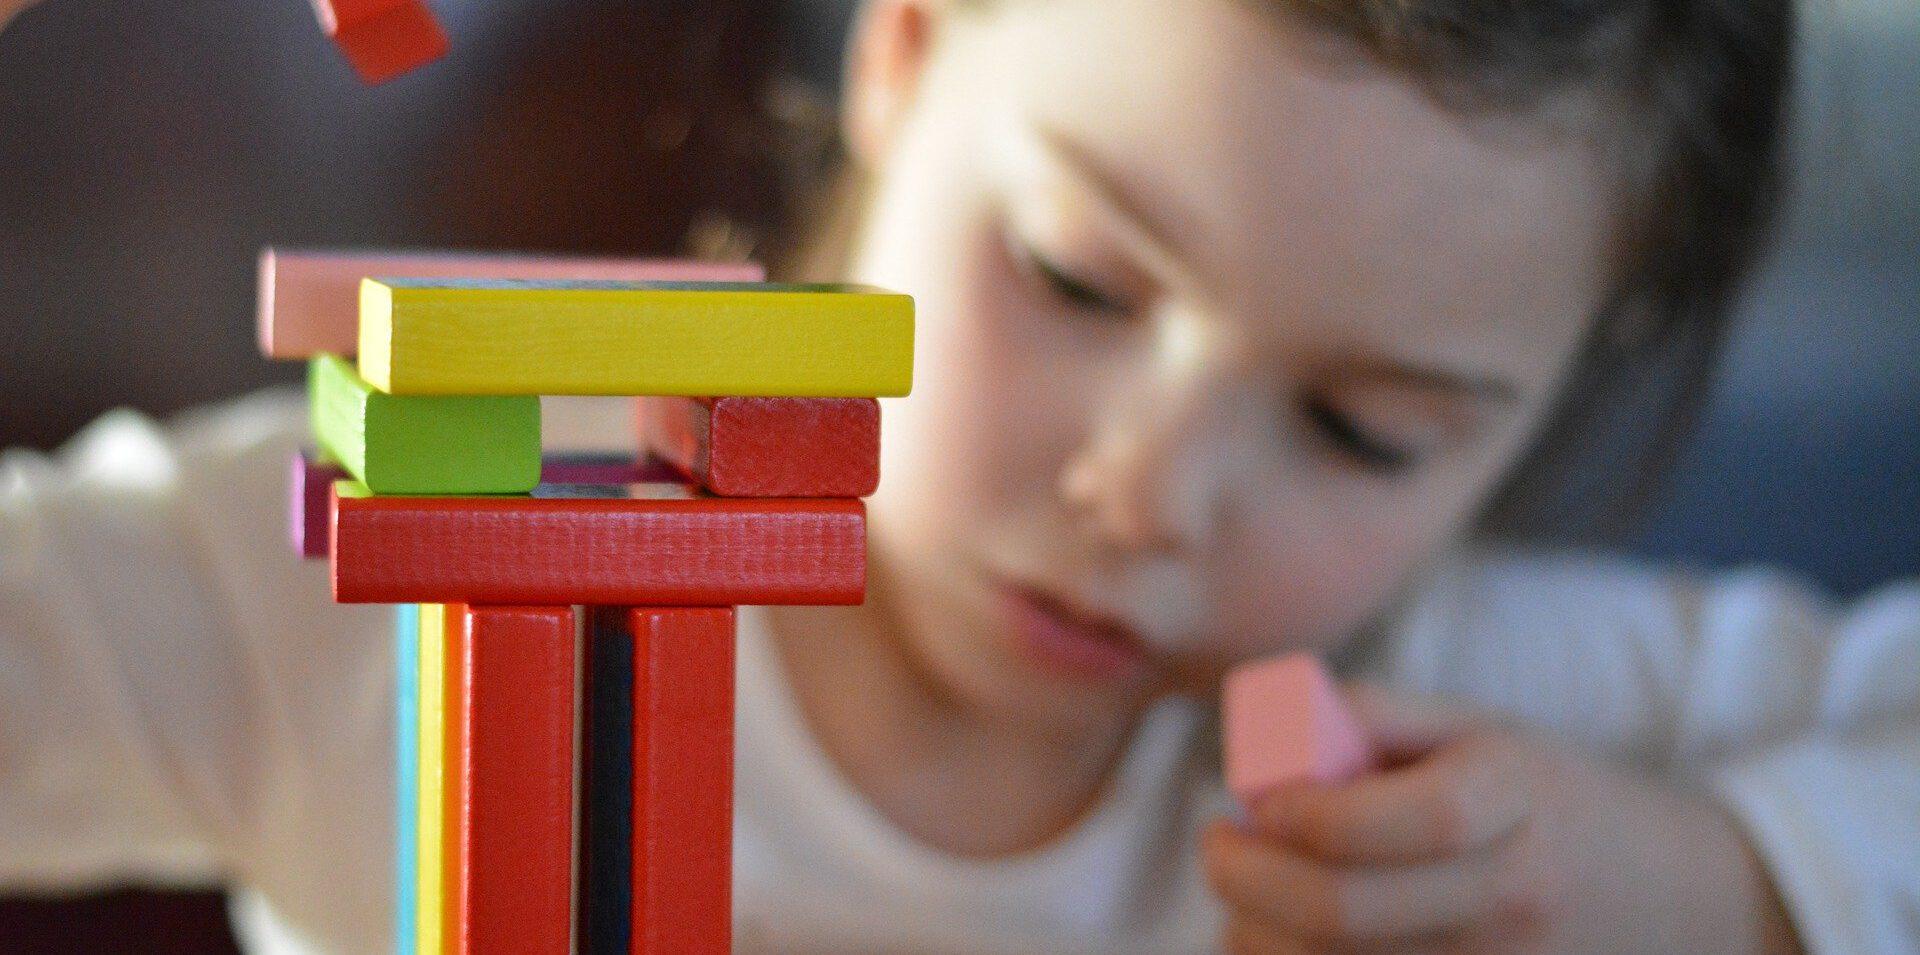 3 interessante Fakten über … Wie Kinder lernen